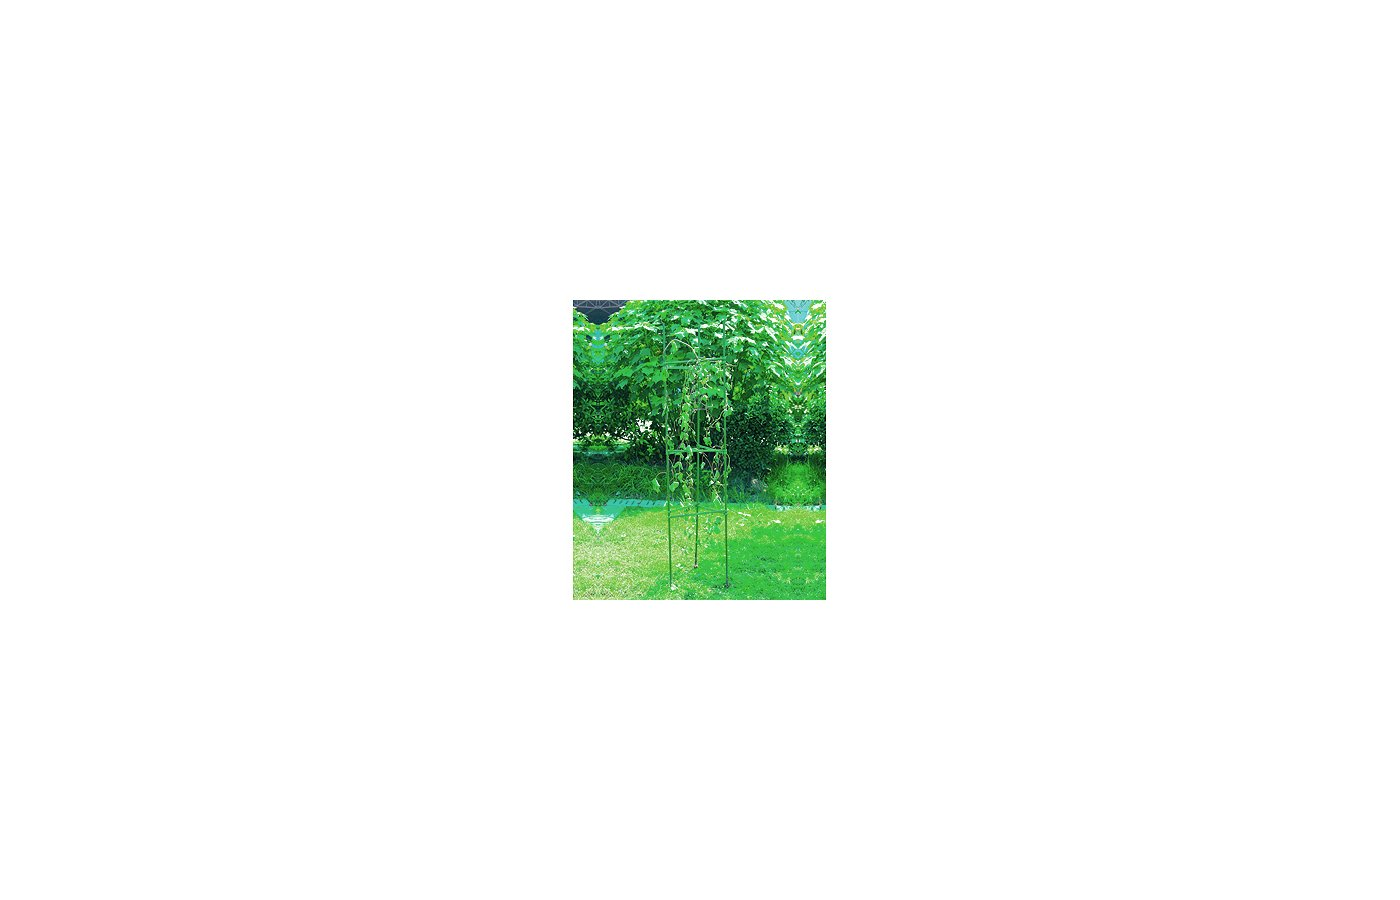 садовые товары GREEN APPLE GTCY-1 Опора для томатов  с сеткой 0.9*1.2м